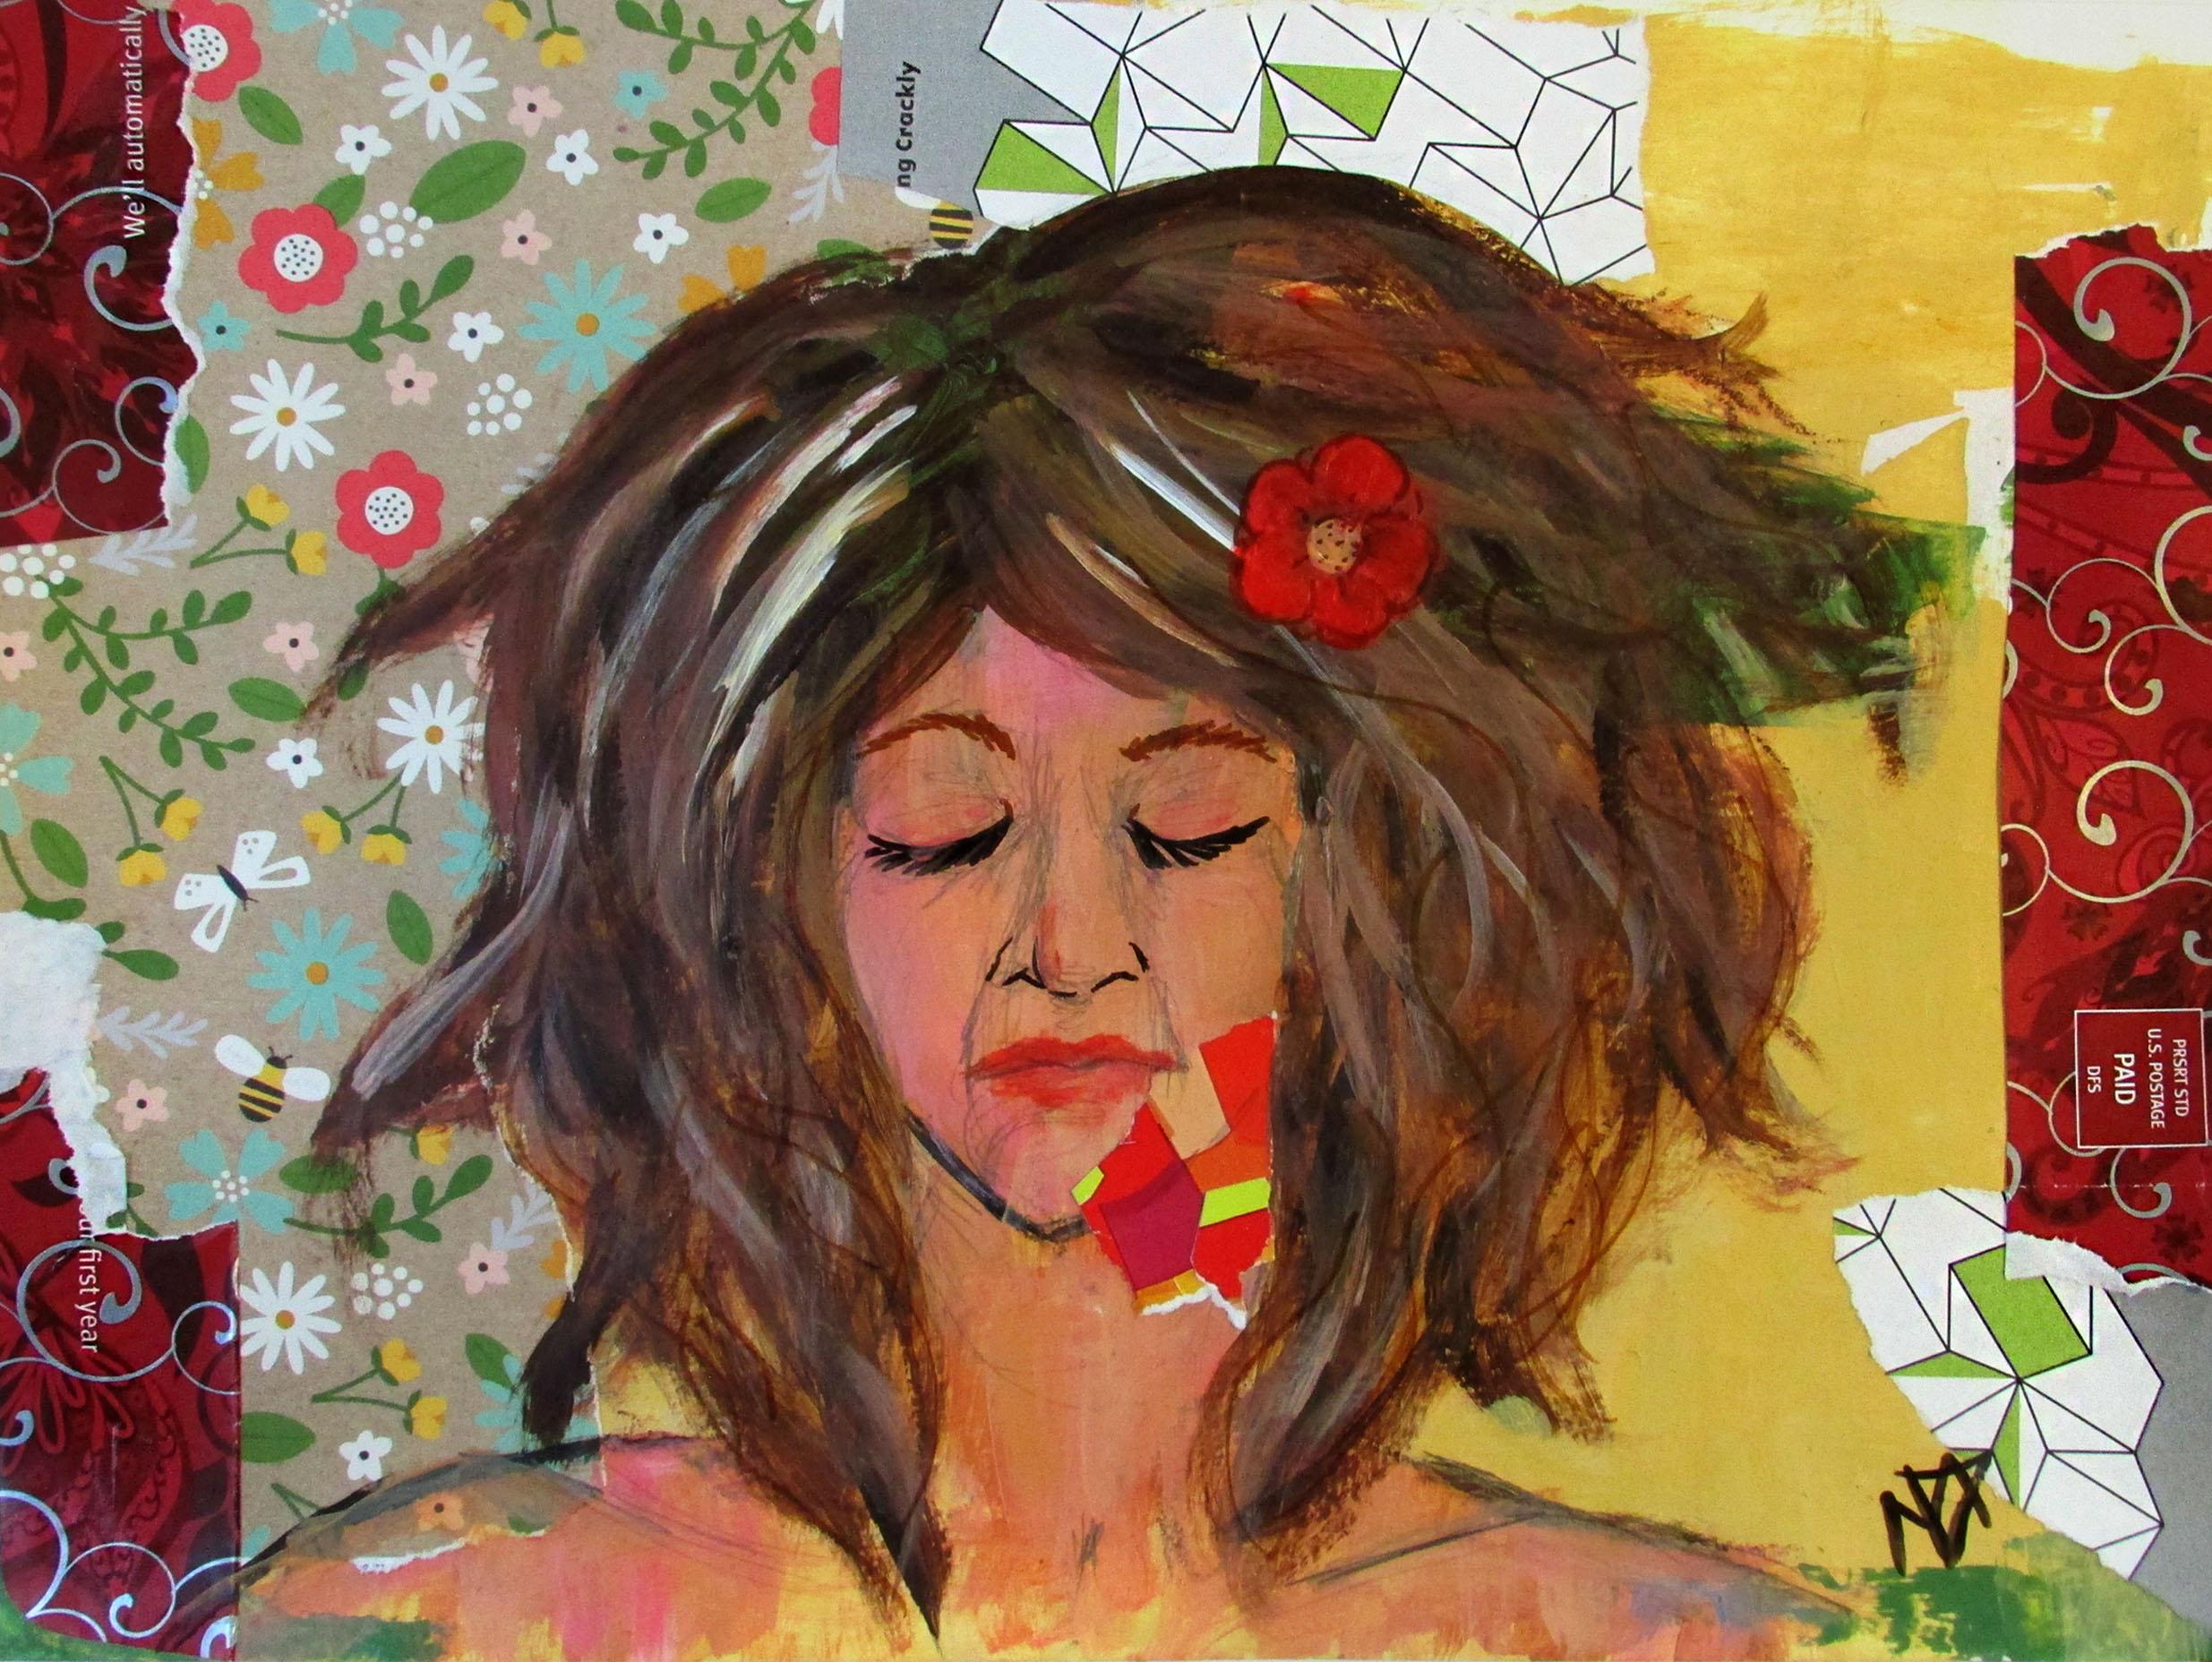 SELF PORTRAIT IN CHAOS by MELANIE DUCHARME